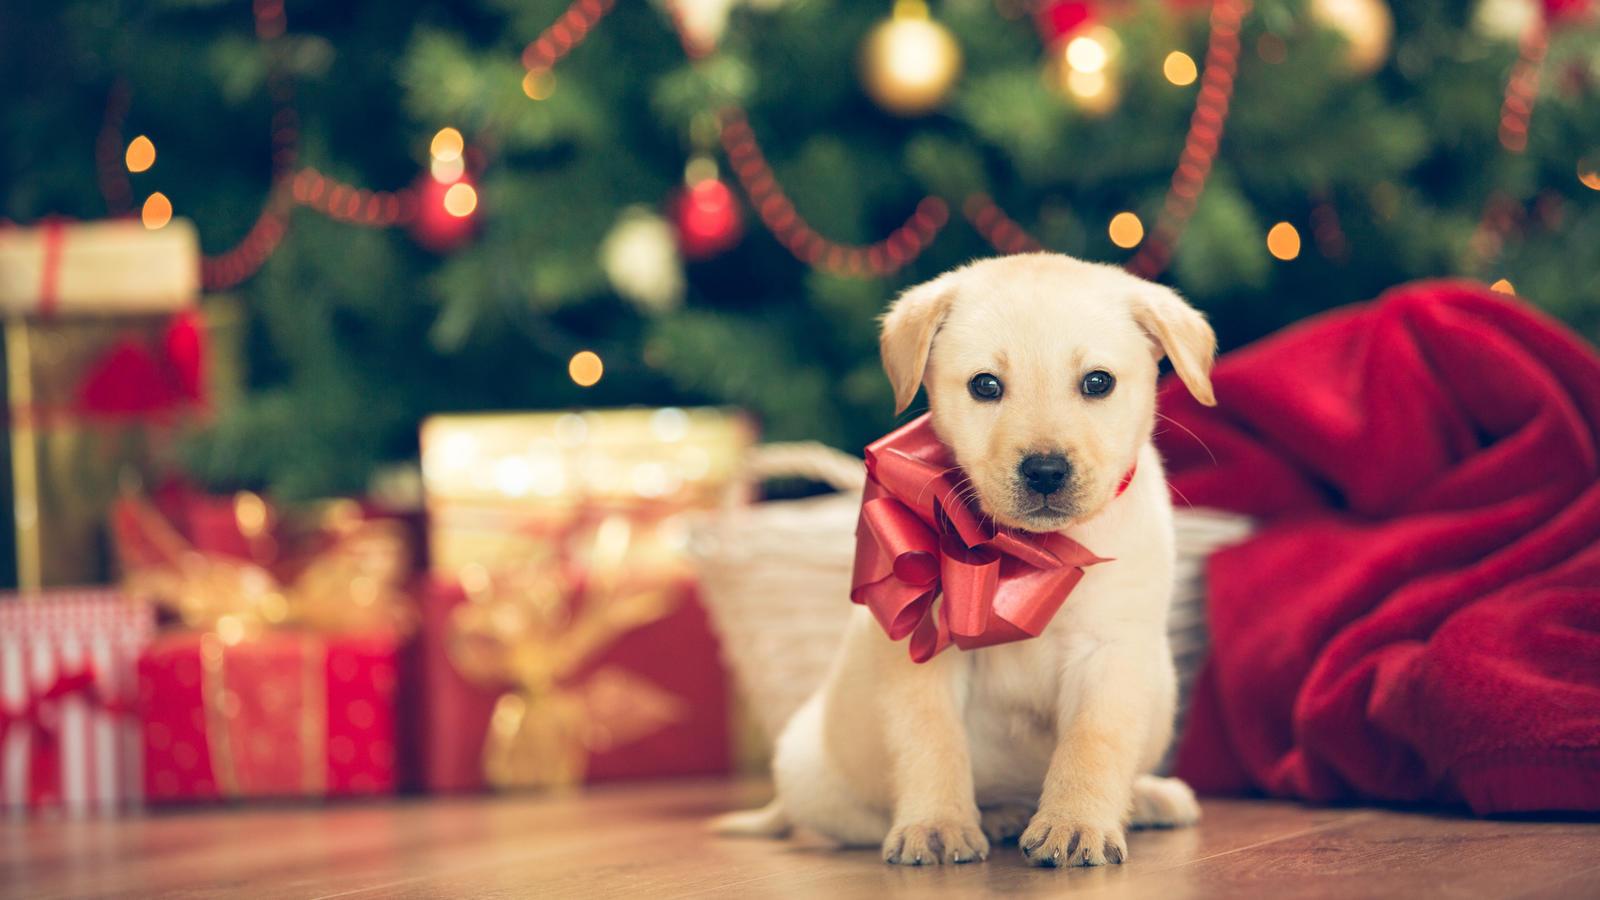 Süß sieht es ja aus, dieses flauschige Weihnachtsgeschenk. Aber viele Familien sind nach dem Fest mit dem Tier überfordert. Und dann?